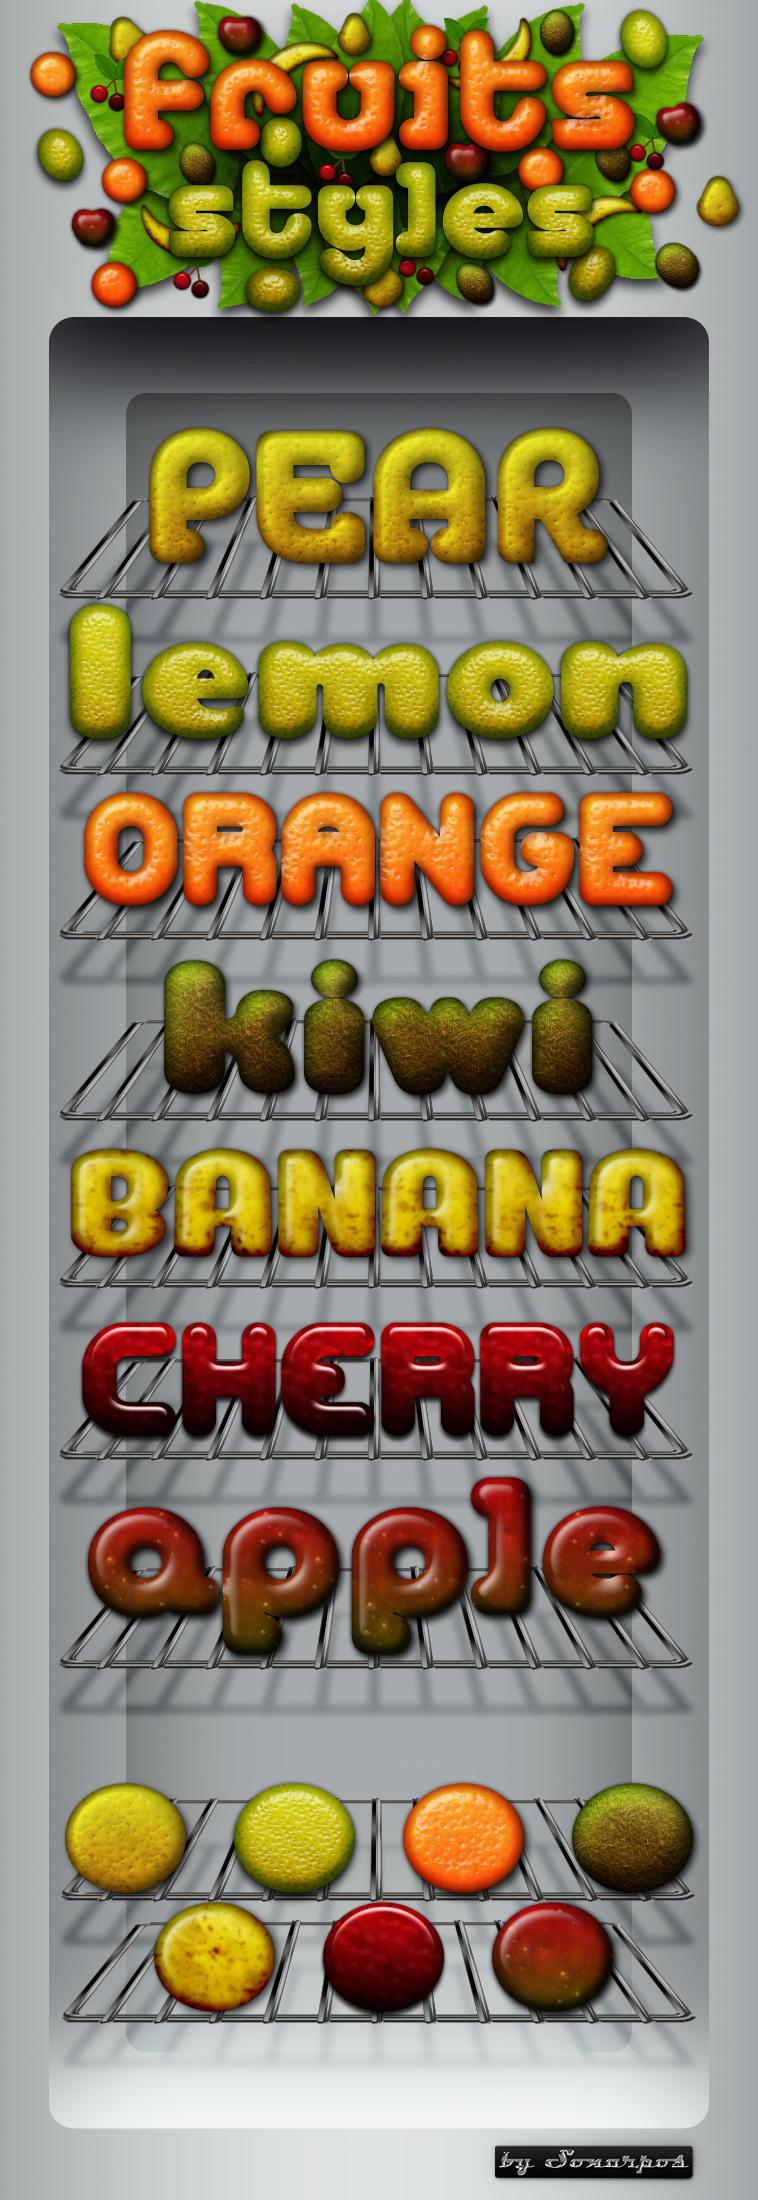 Fruits Photoshop styles